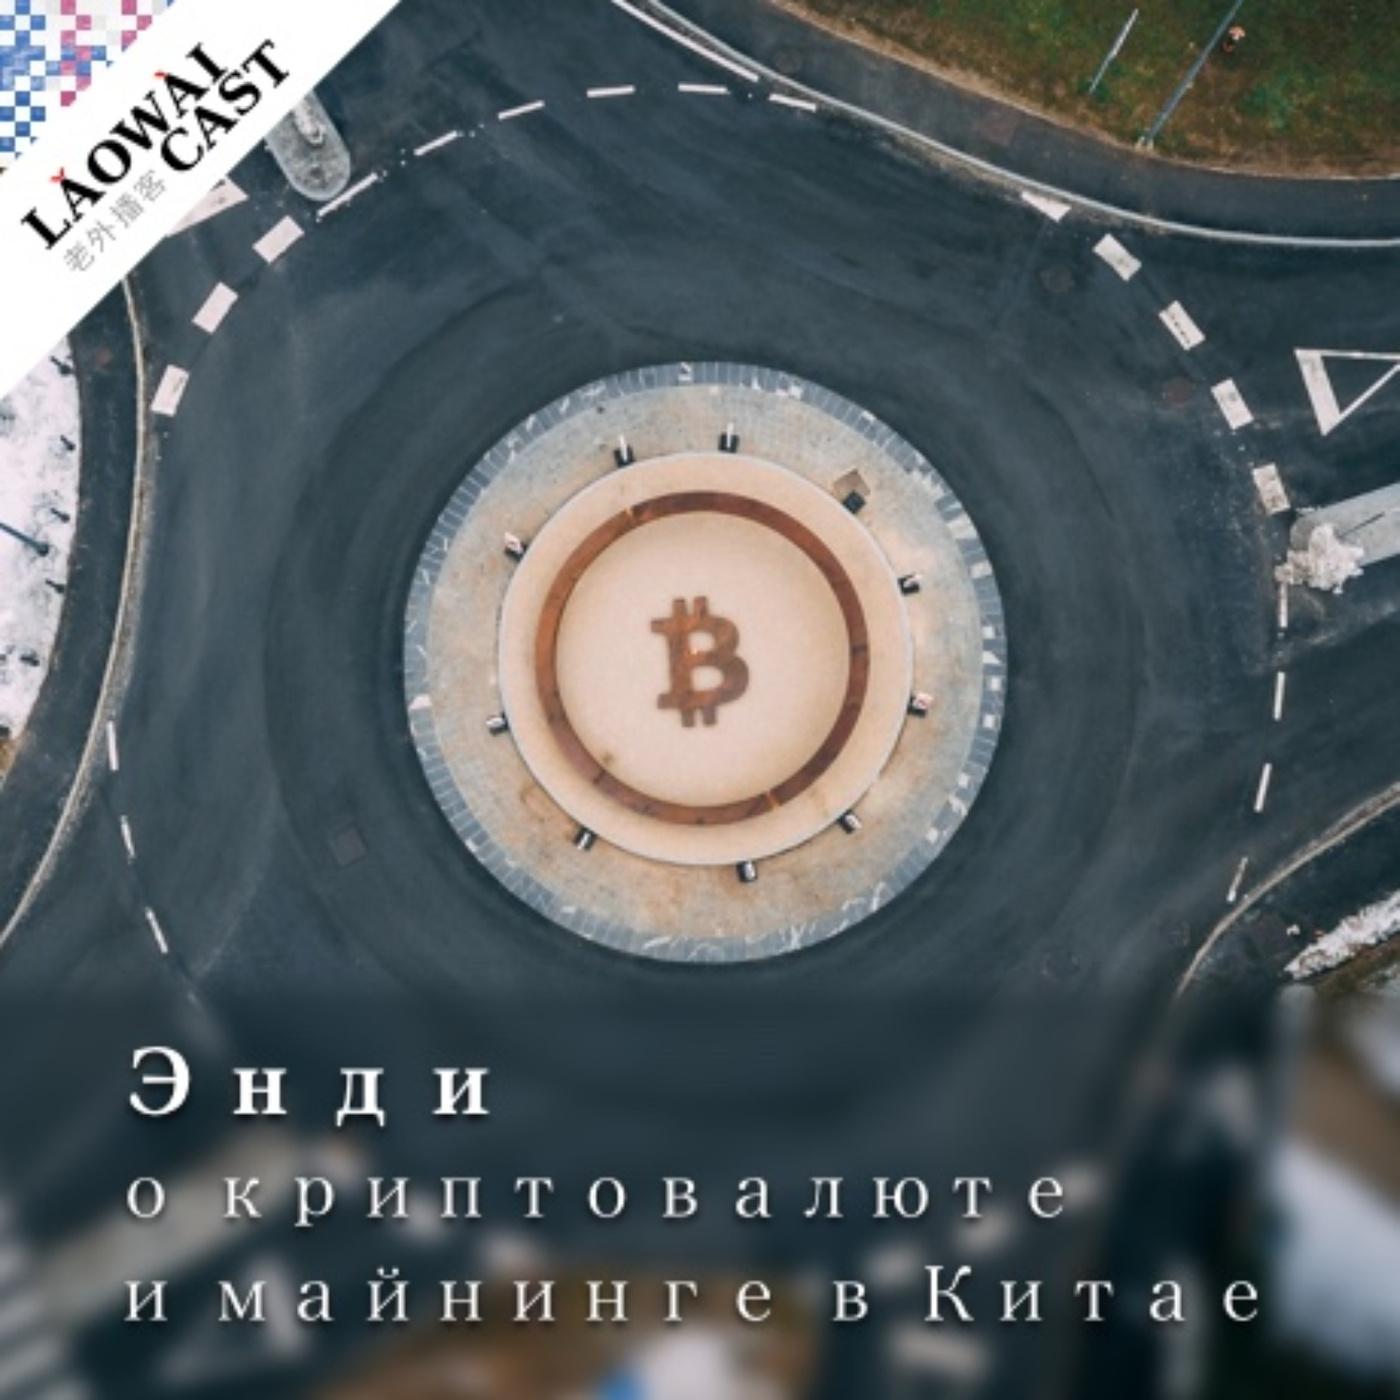 Энди о криптовалюте и майнинге в Китае